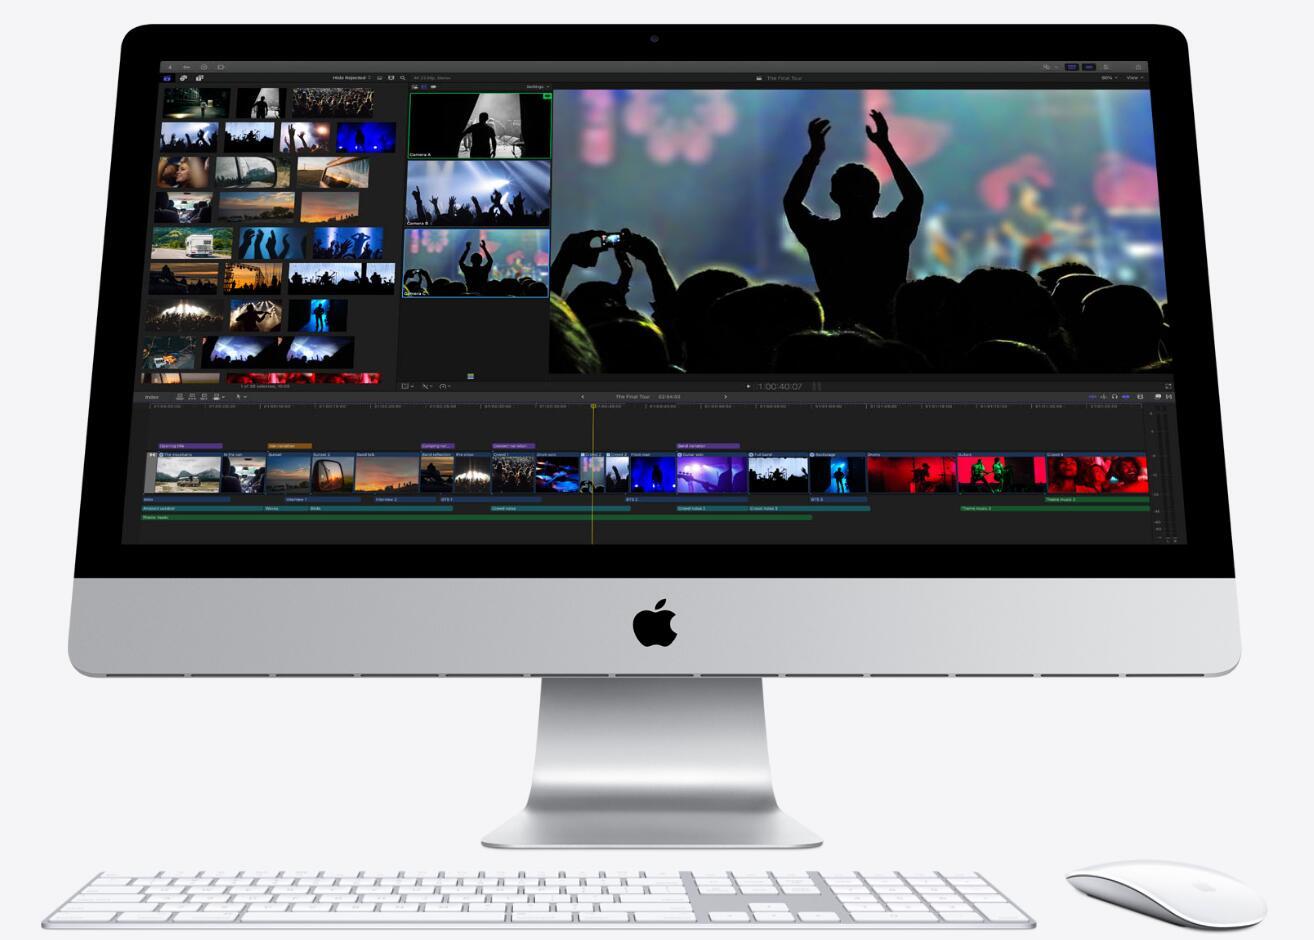 苹果最近开始在美国和加拿大销广州市白云区石井鸣品电脑维修店-广州市白云区石井鸣品电脑维修店_ 售于2020年8月宣布的27英寸iMac的认证翻新机型